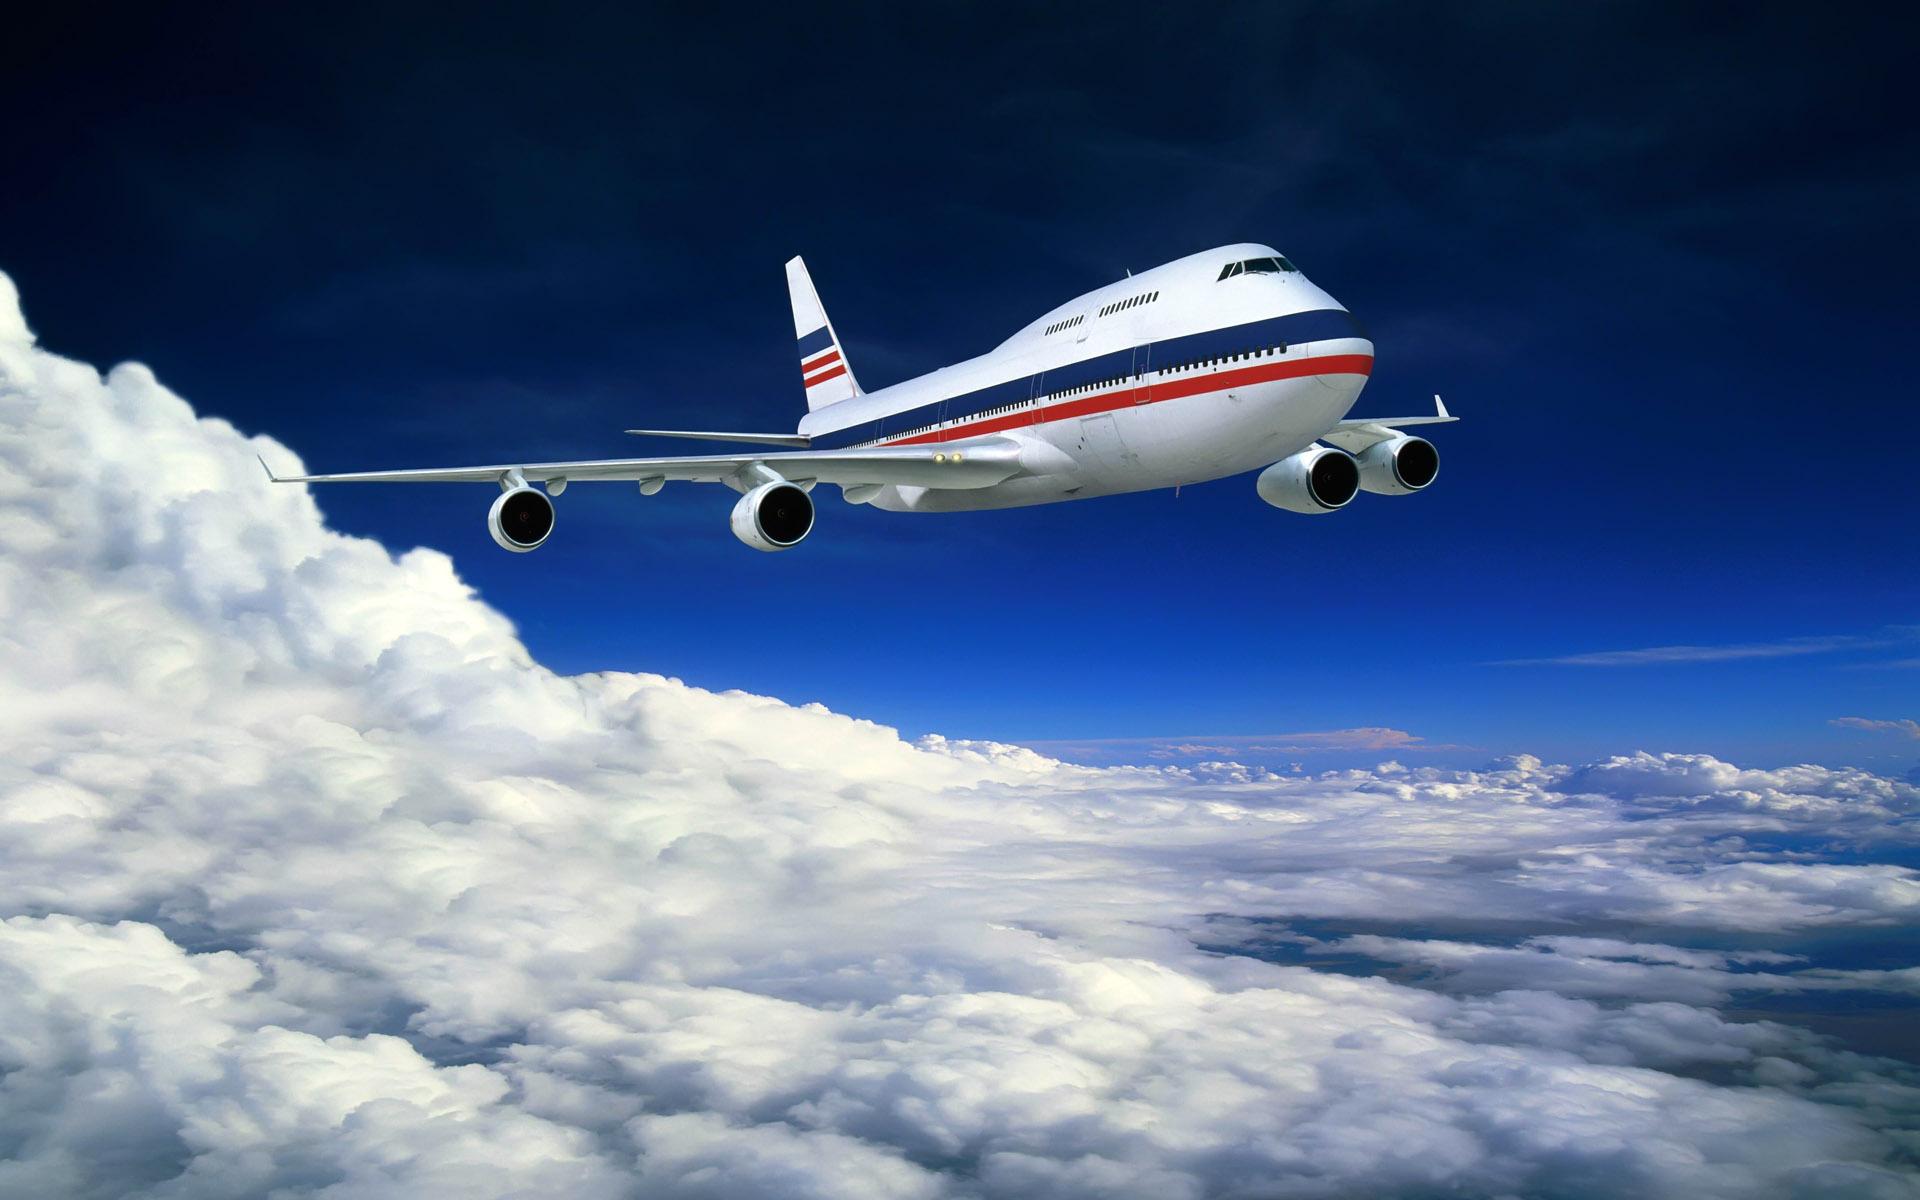 MIỄN PHÍ dịch vụ đặt vé máy bay cho Hội viên Lavish